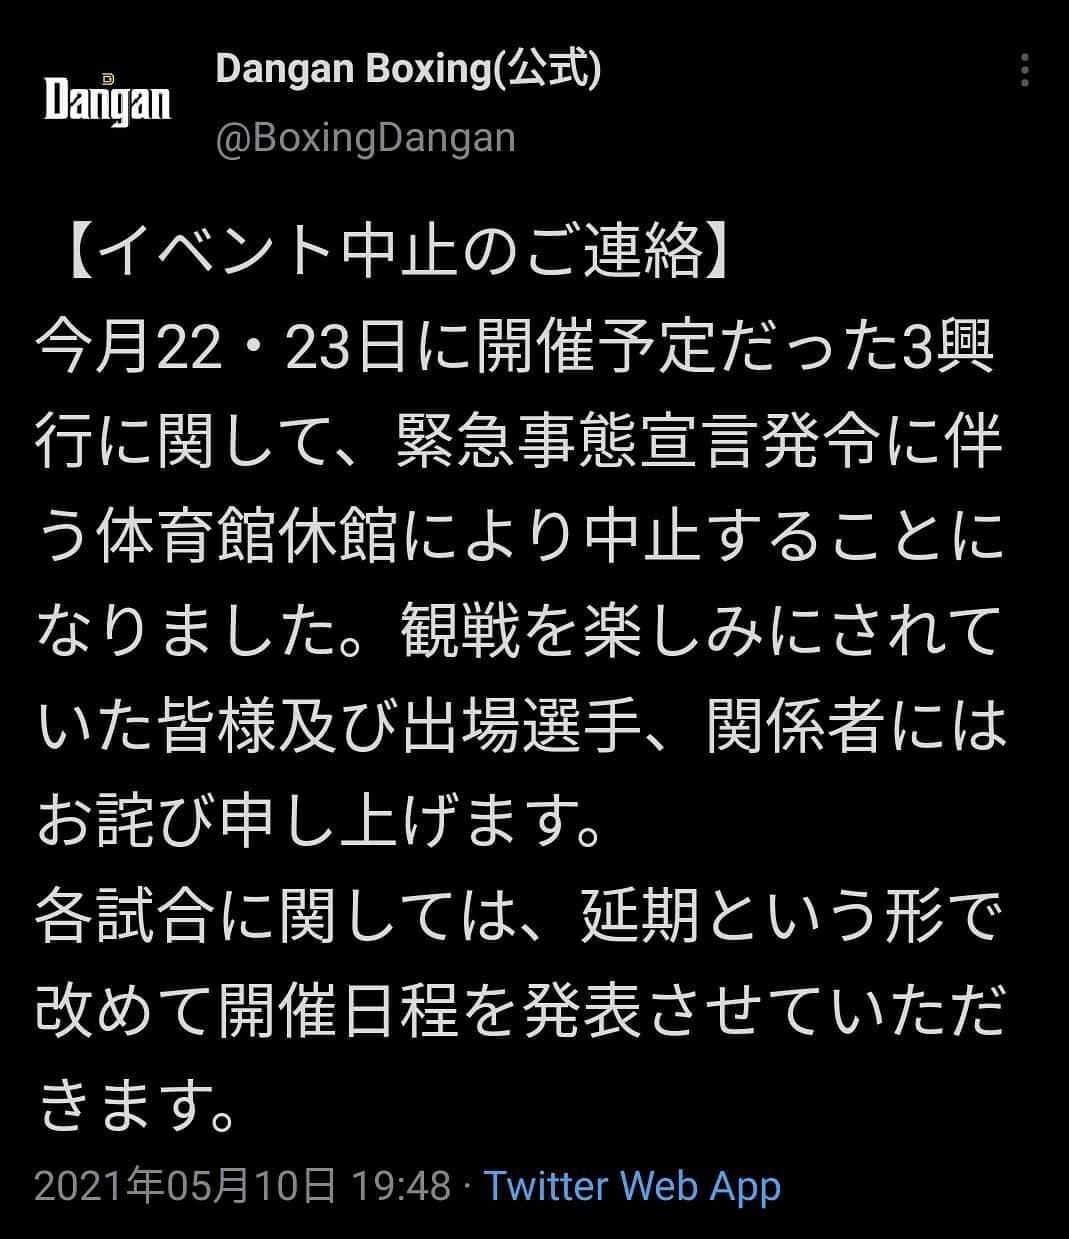 日本タイトルマッチが延期になりました。